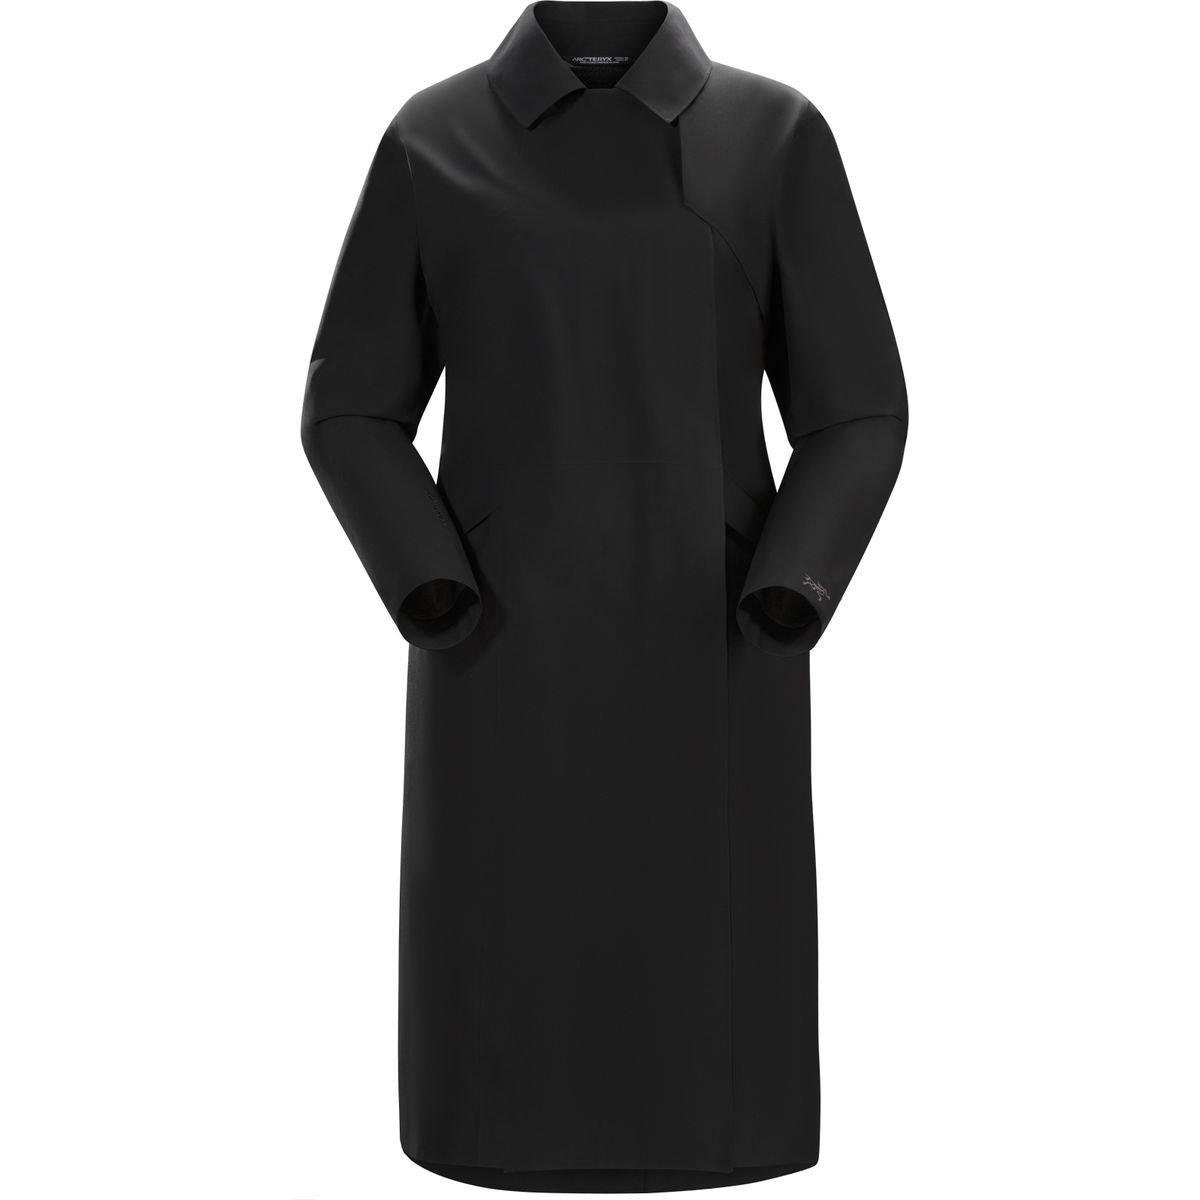 ARC`TERYX(アークテリクス) ニラ トレンチコート ウィメンズ Nila Trench Coat Womens L06927900 B01MXL70L8 S ブラック ブラック S